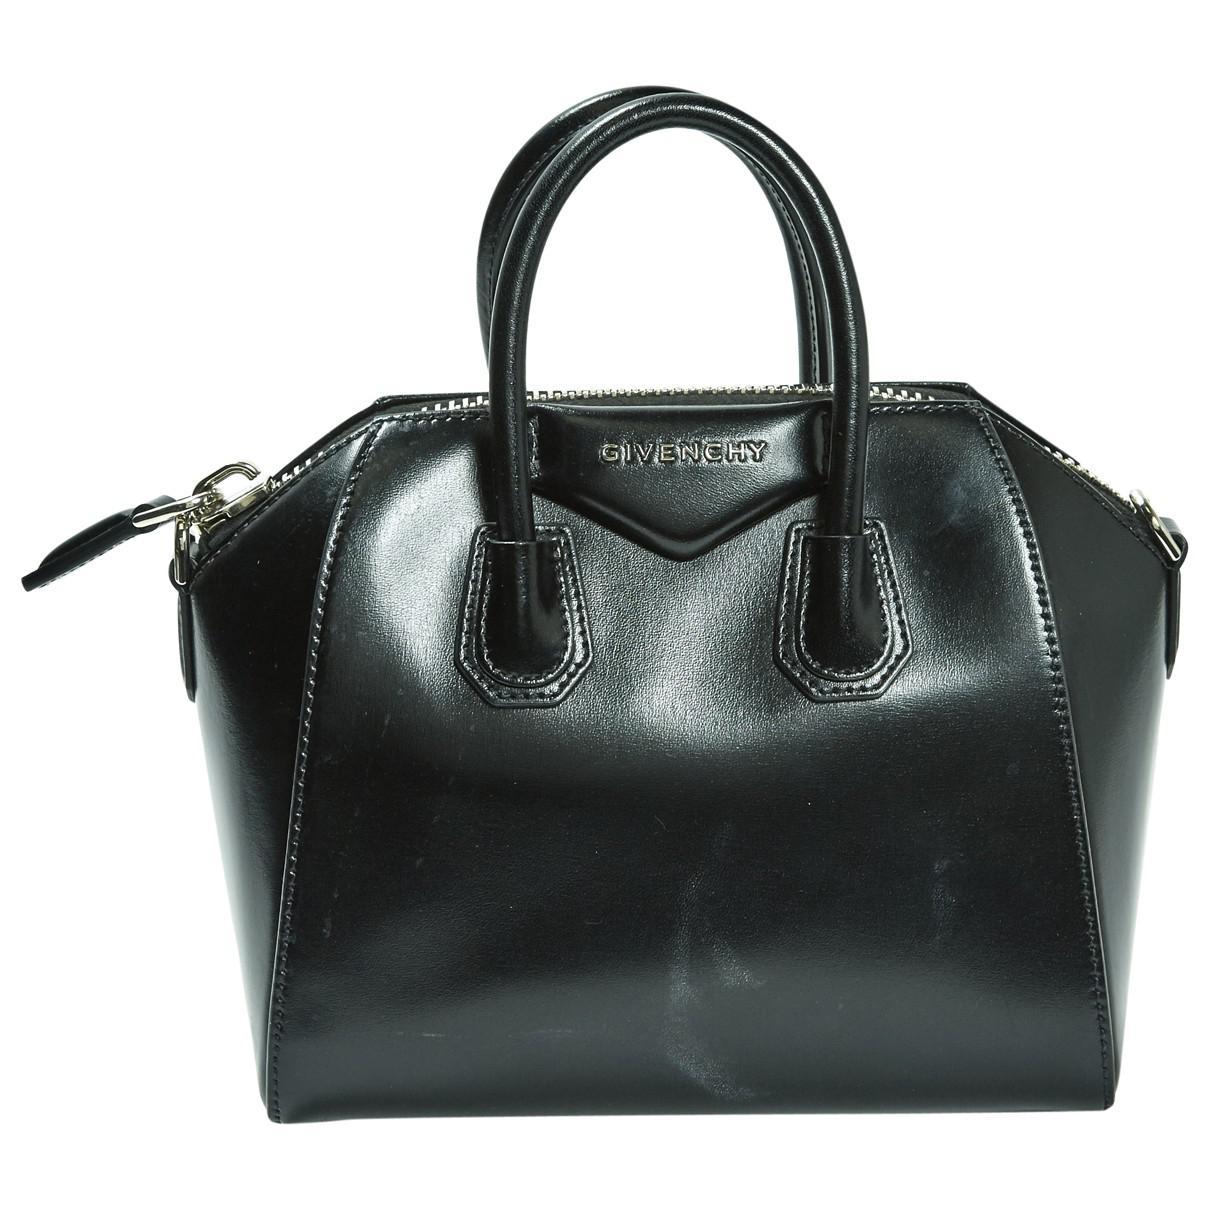 Givenchy Pre-owned - Antigona leather bag oz4sg